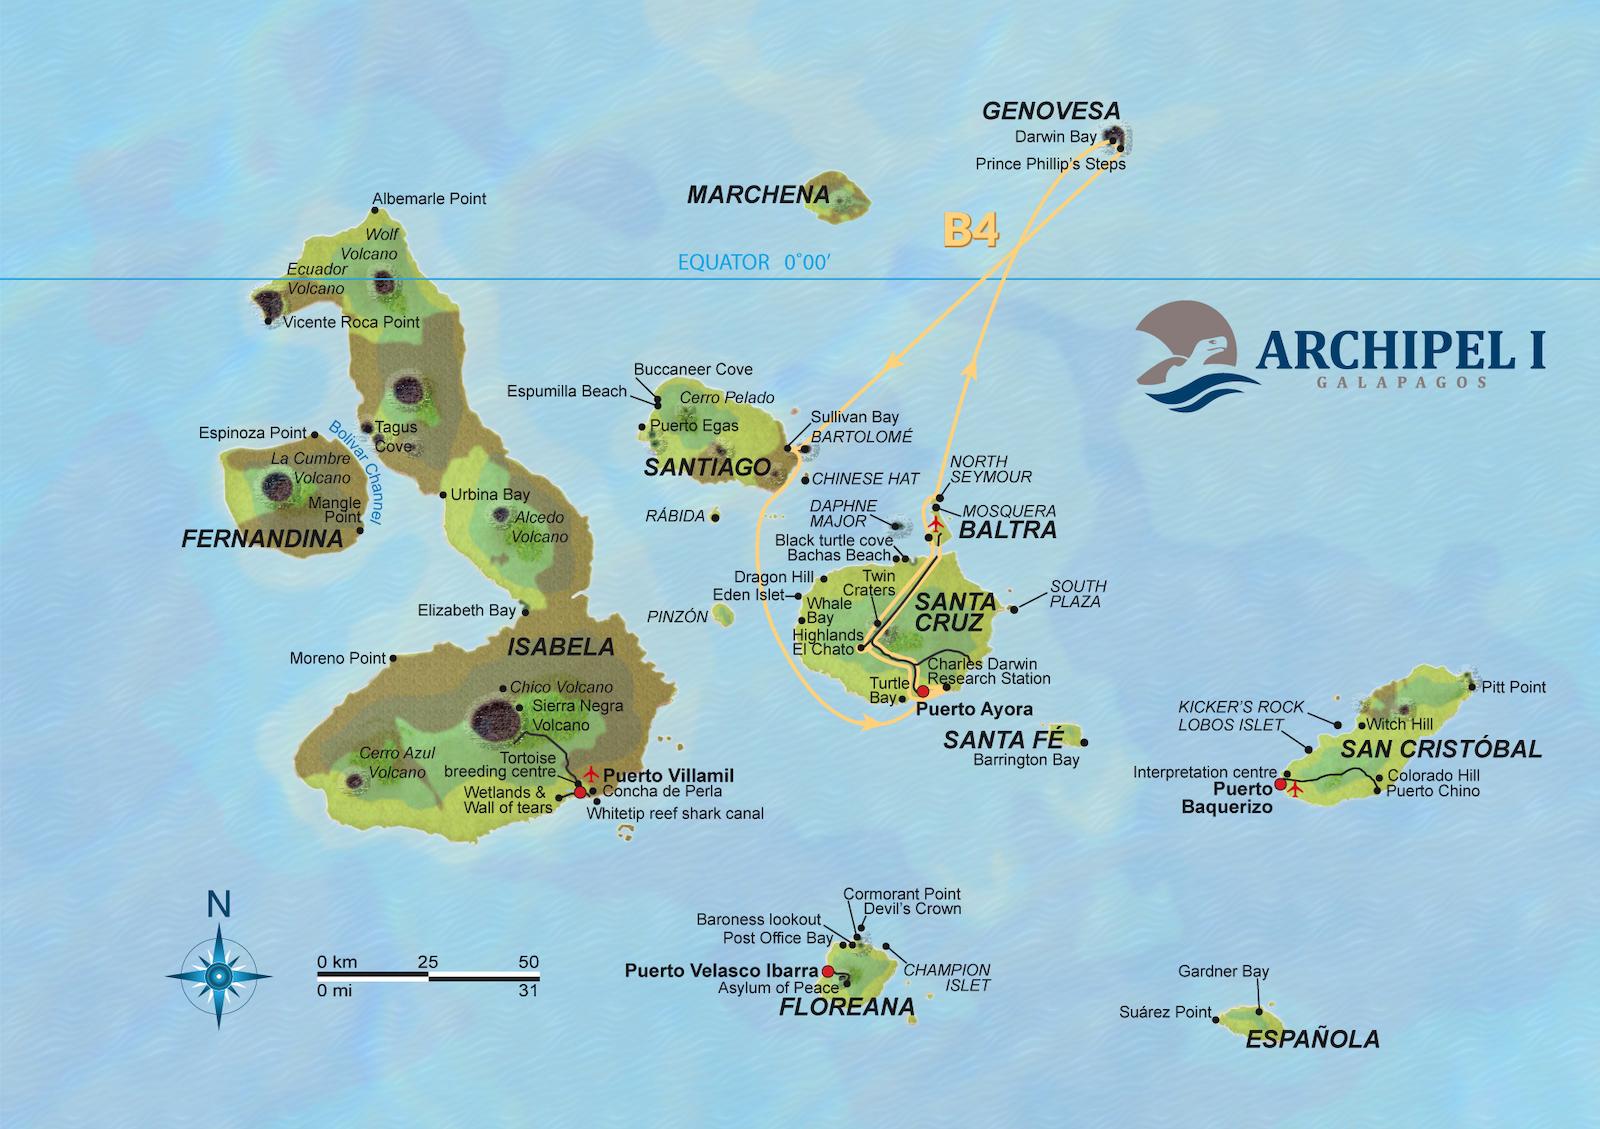 Route B4 Archipel 1